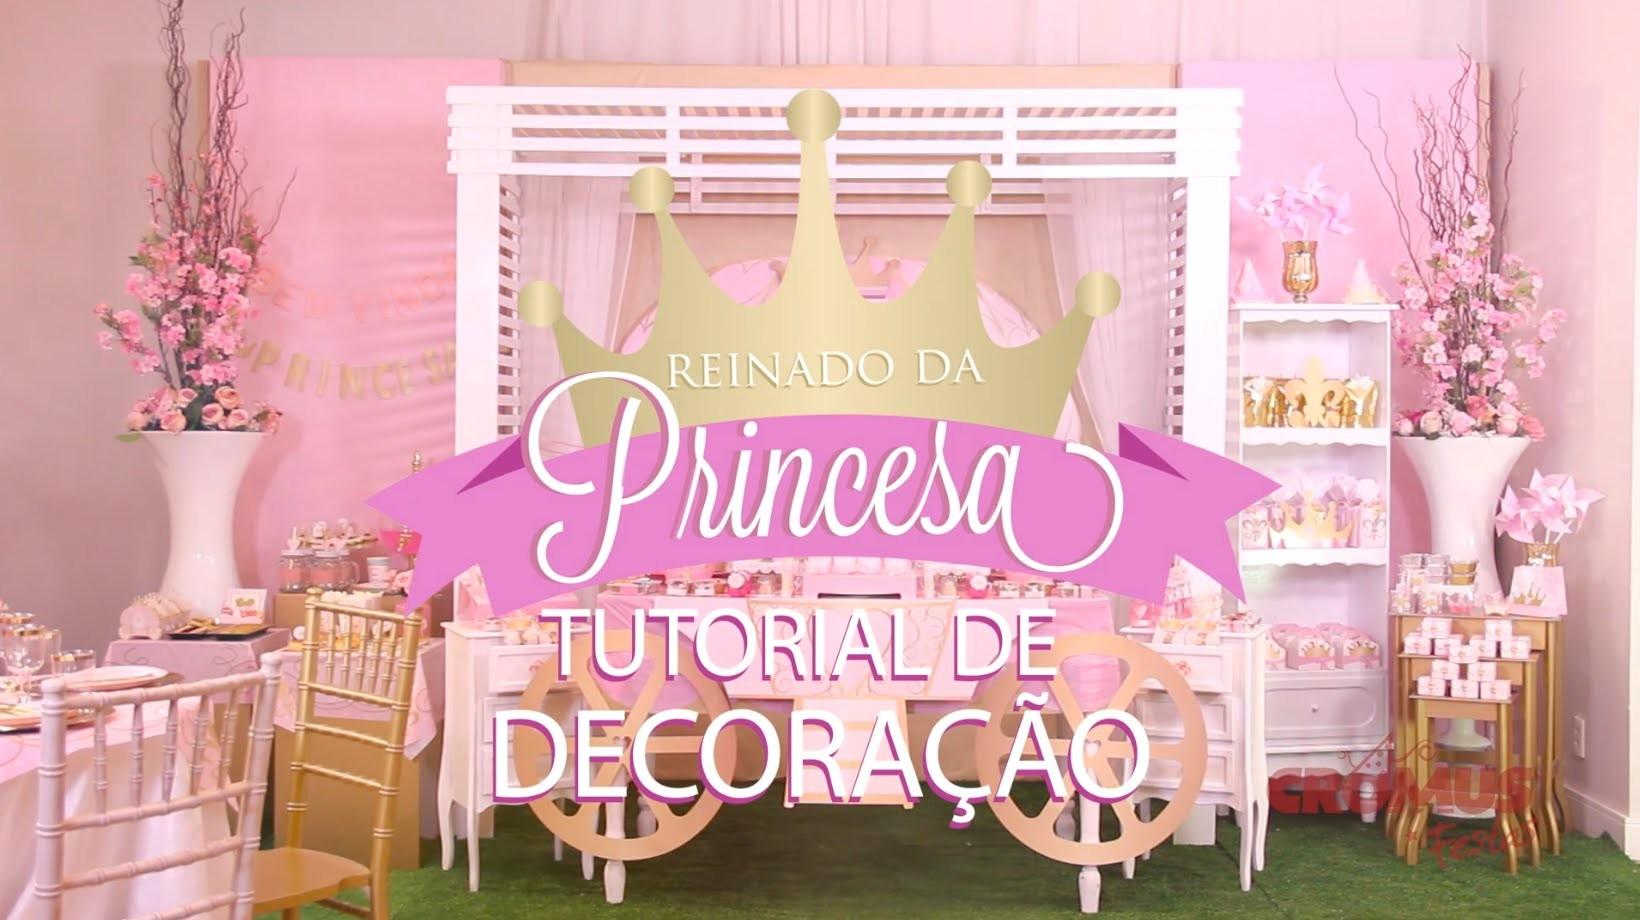 TUTORIAL DE DECORAÇÃO - Reinado da Princesa